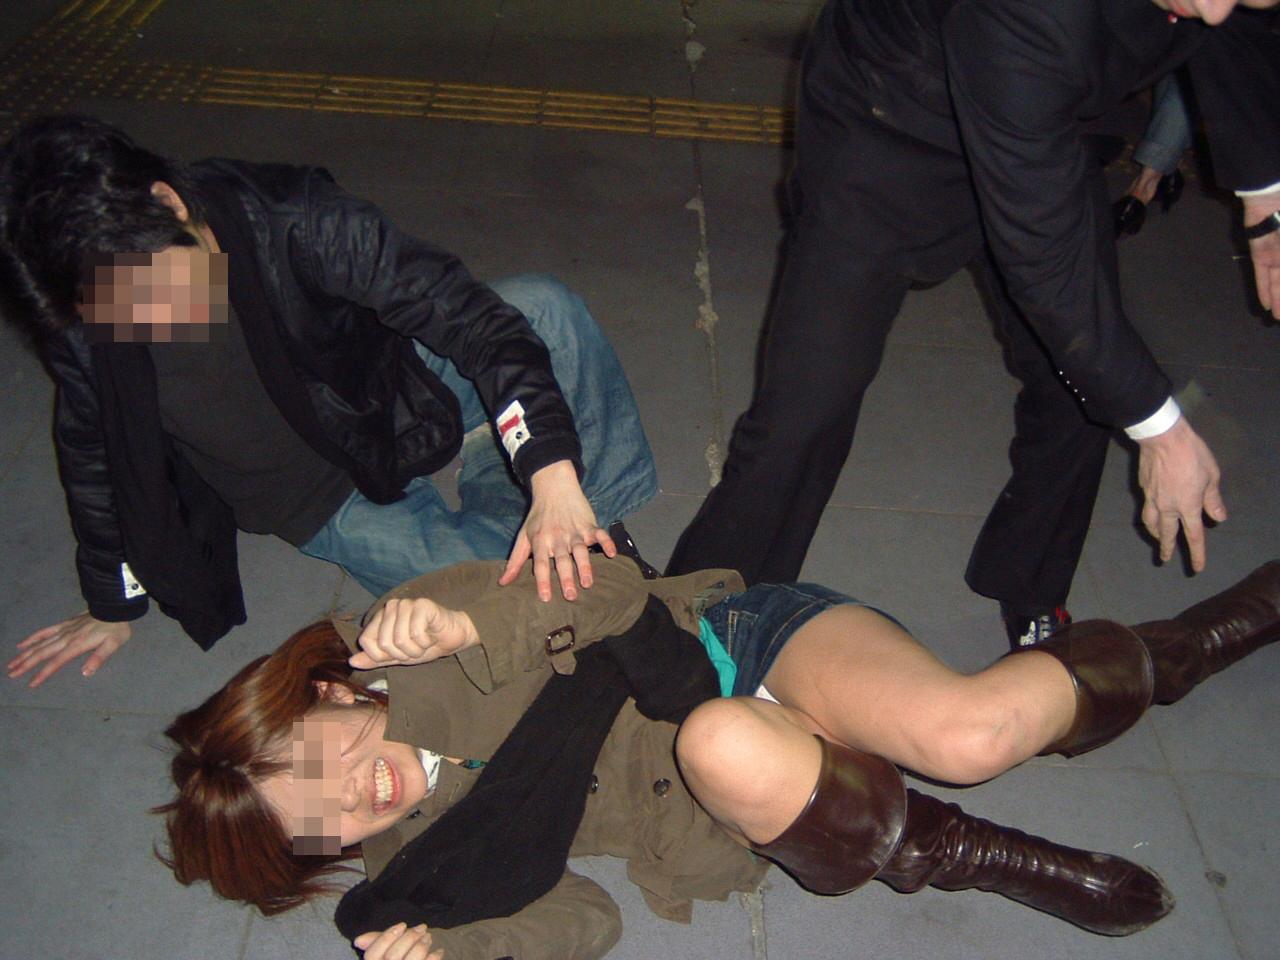 【酔っぱらいエロ画像】酒に飲まれたギャルの黒歴史…酔っ払ってハメを外しすぎたおふざけエロ画像 その5